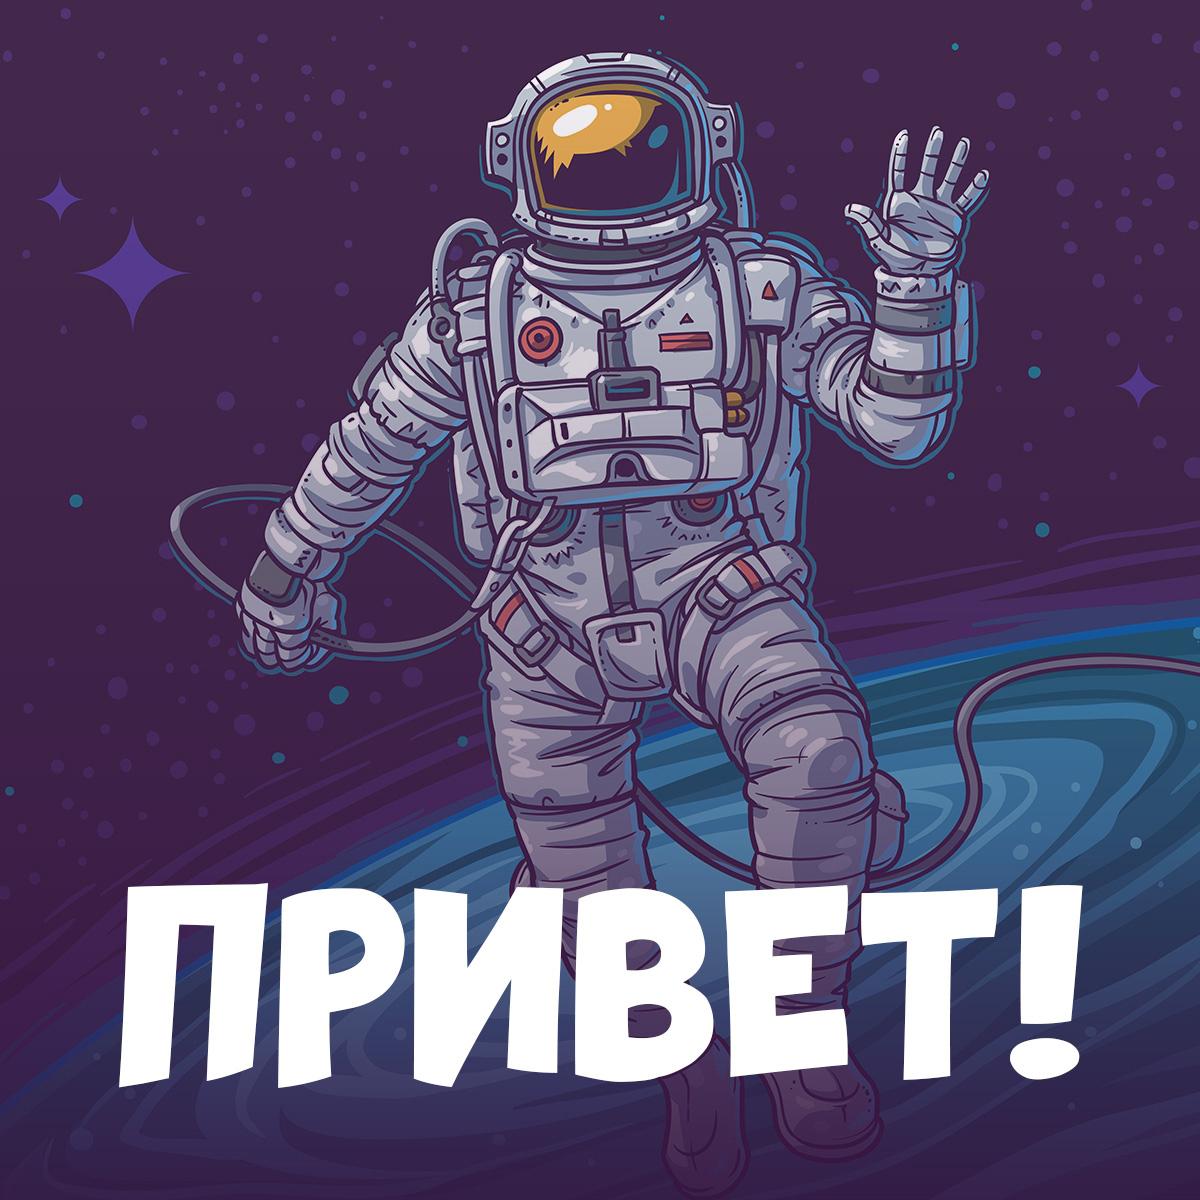 Космонавт в открытом космическом пространстве.